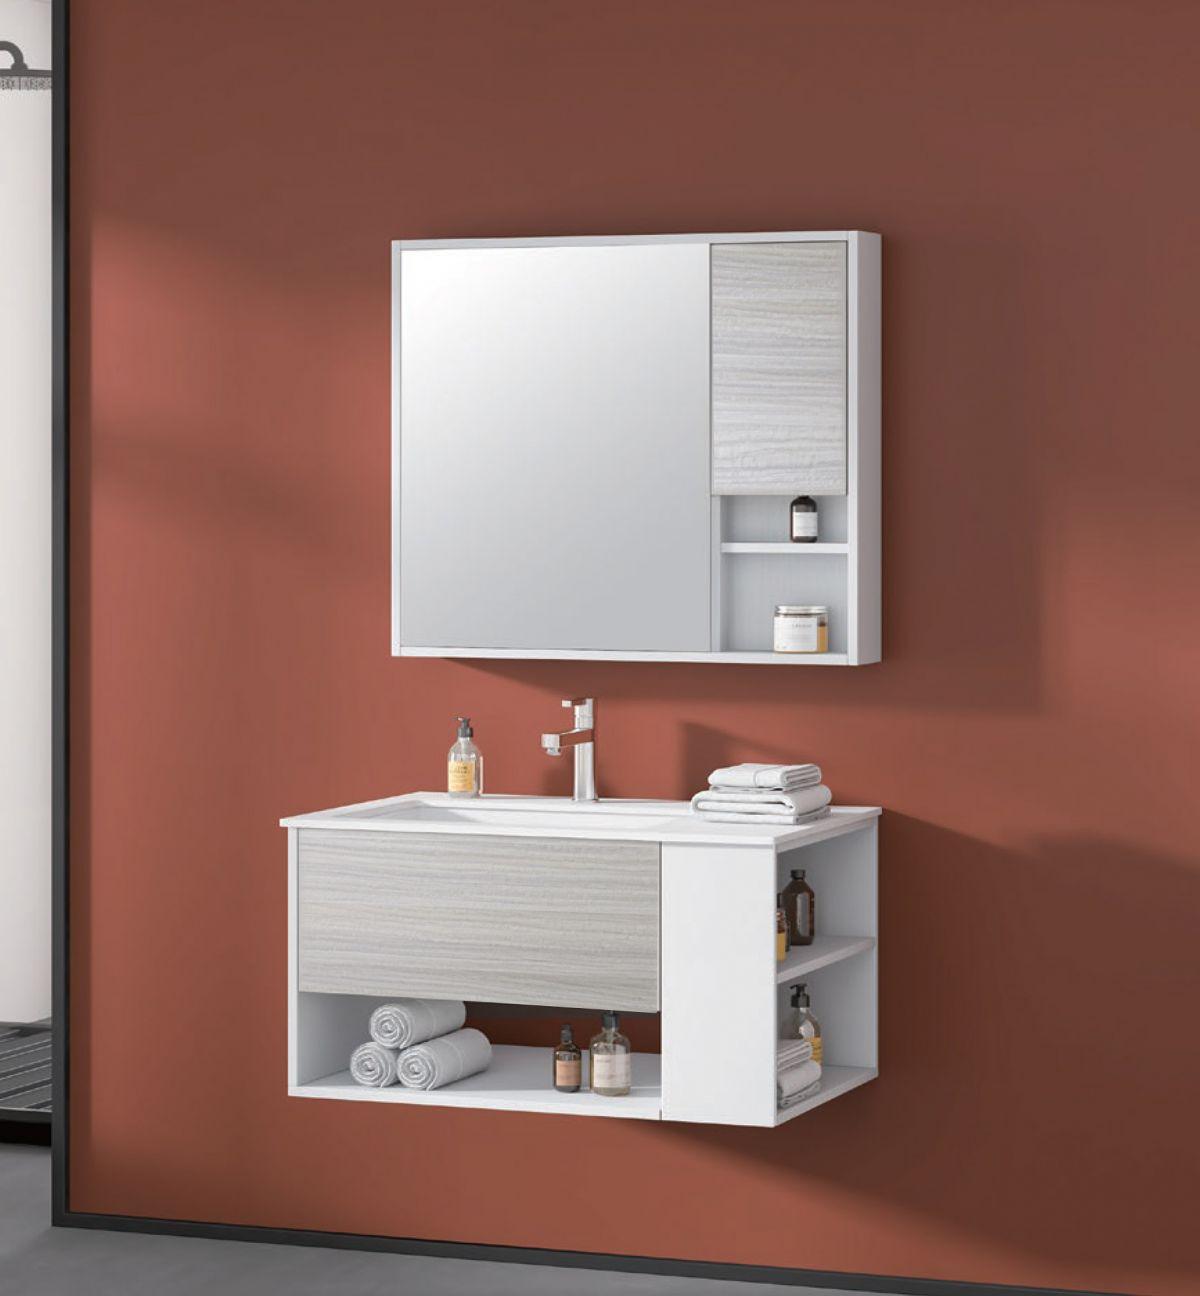 Nassaun mobile bagno sospeso 1 Mobile bagno Nassau sospeso da 80 cm bianco lucido e bianco decapè effetto legno con lavabo specchio e pensile